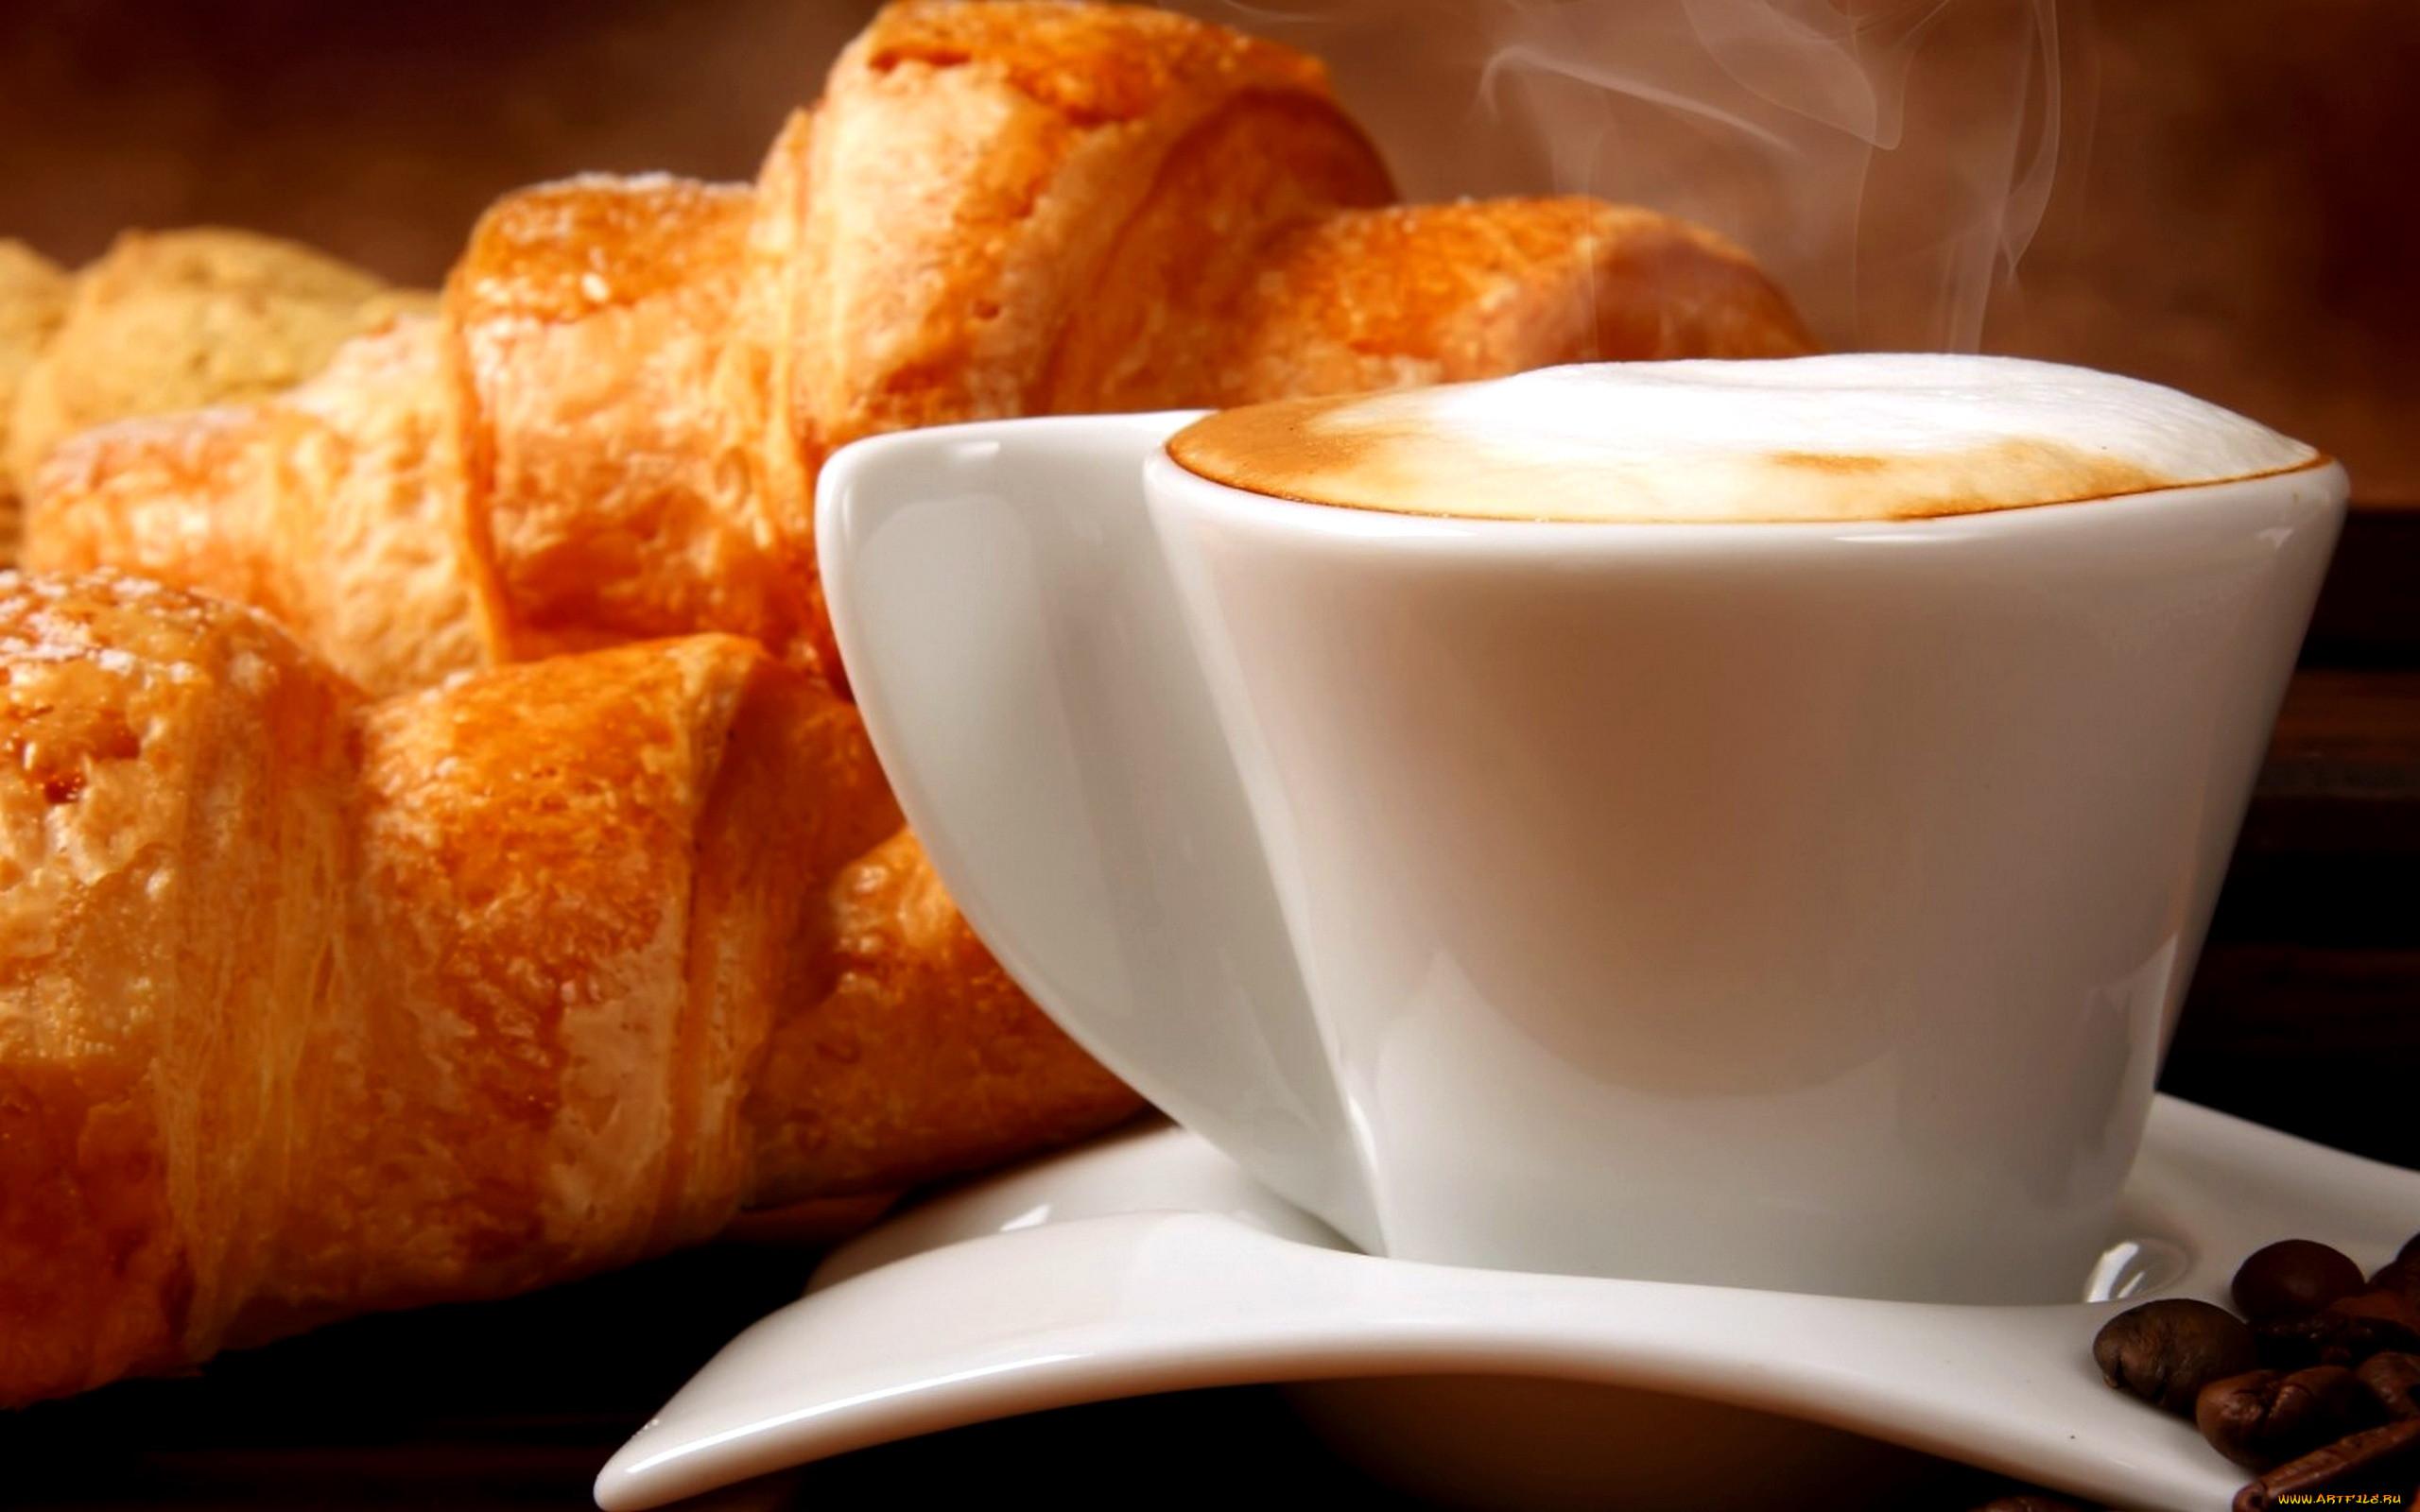 поколения картинки кофе с пирогом является проектирование руководство